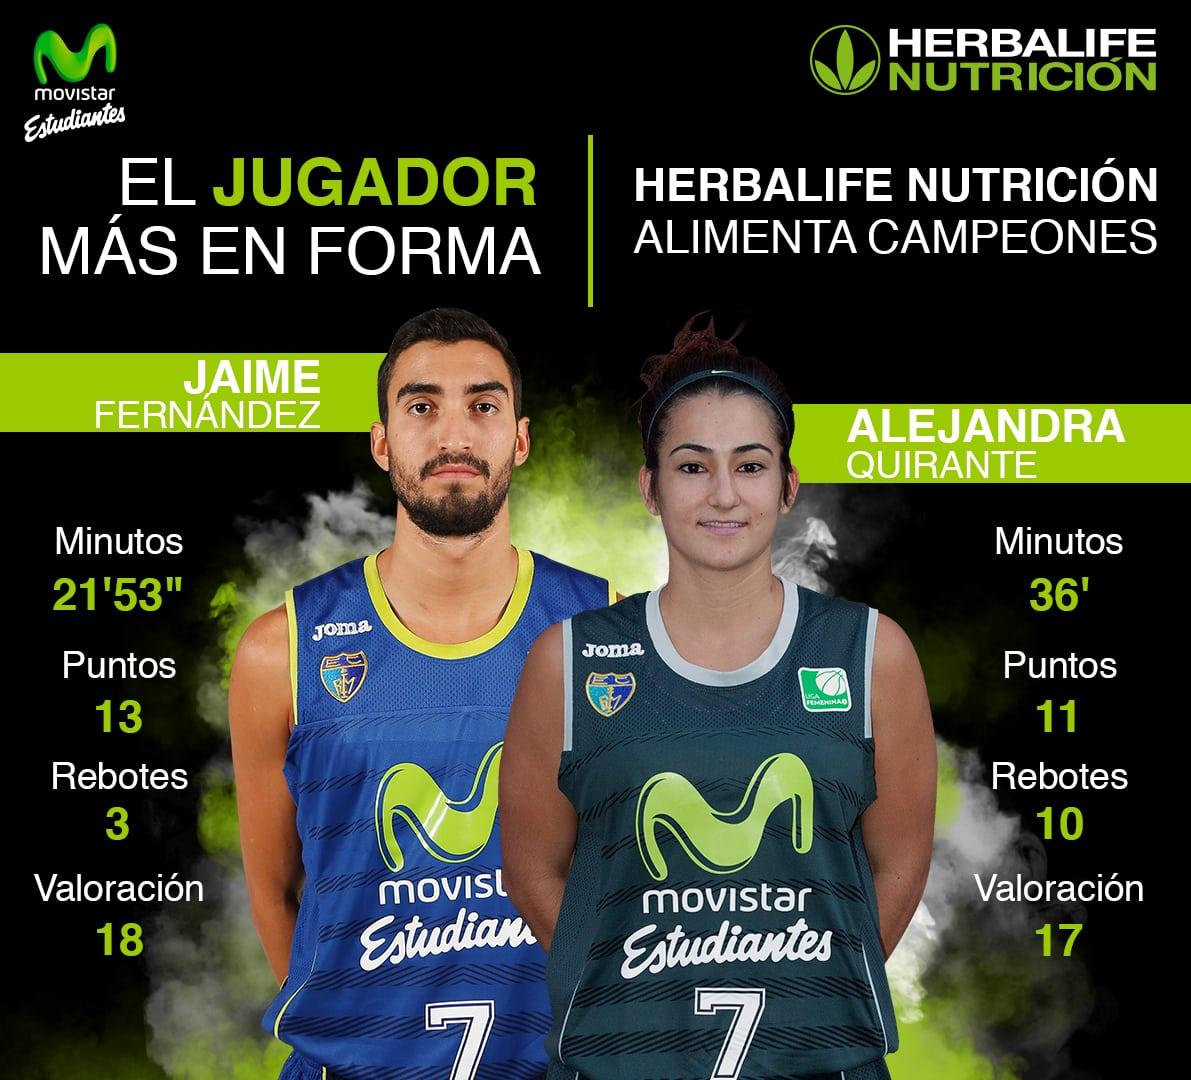 Herbalife presenta a los jugadores más en forma de la jornada: Jaime Fernández y Alejandra Quirante.